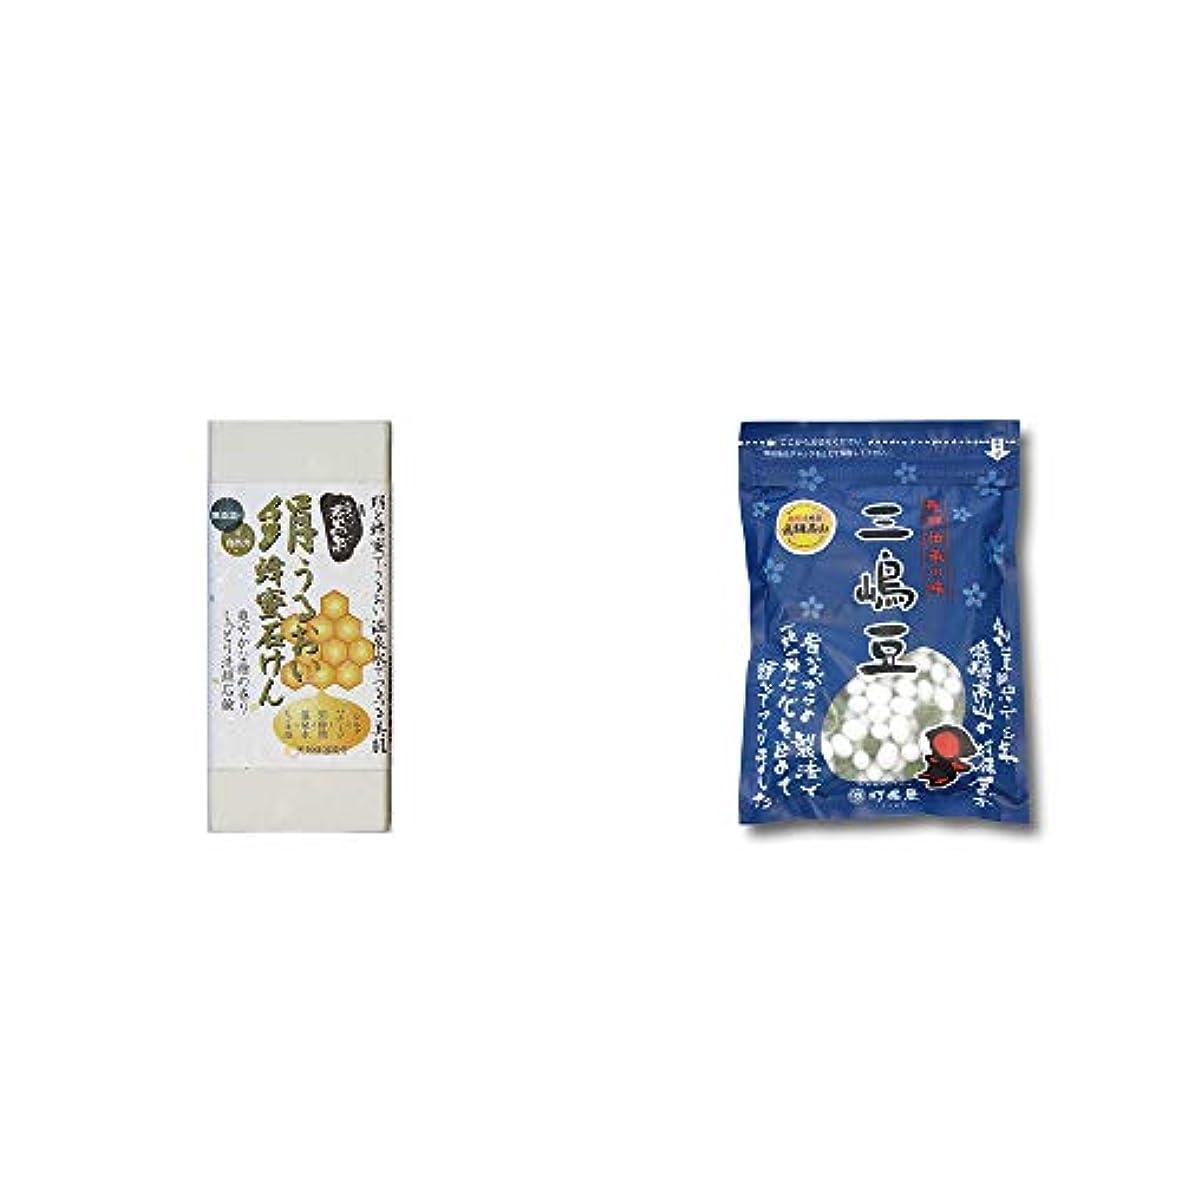 モットー速記アイザック[2点セット] ひのき炭黒泉 絹うるおい蜂蜜石けん(75g×2)?飛騨 打保屋 駄菓子 三嶋豆(150g)